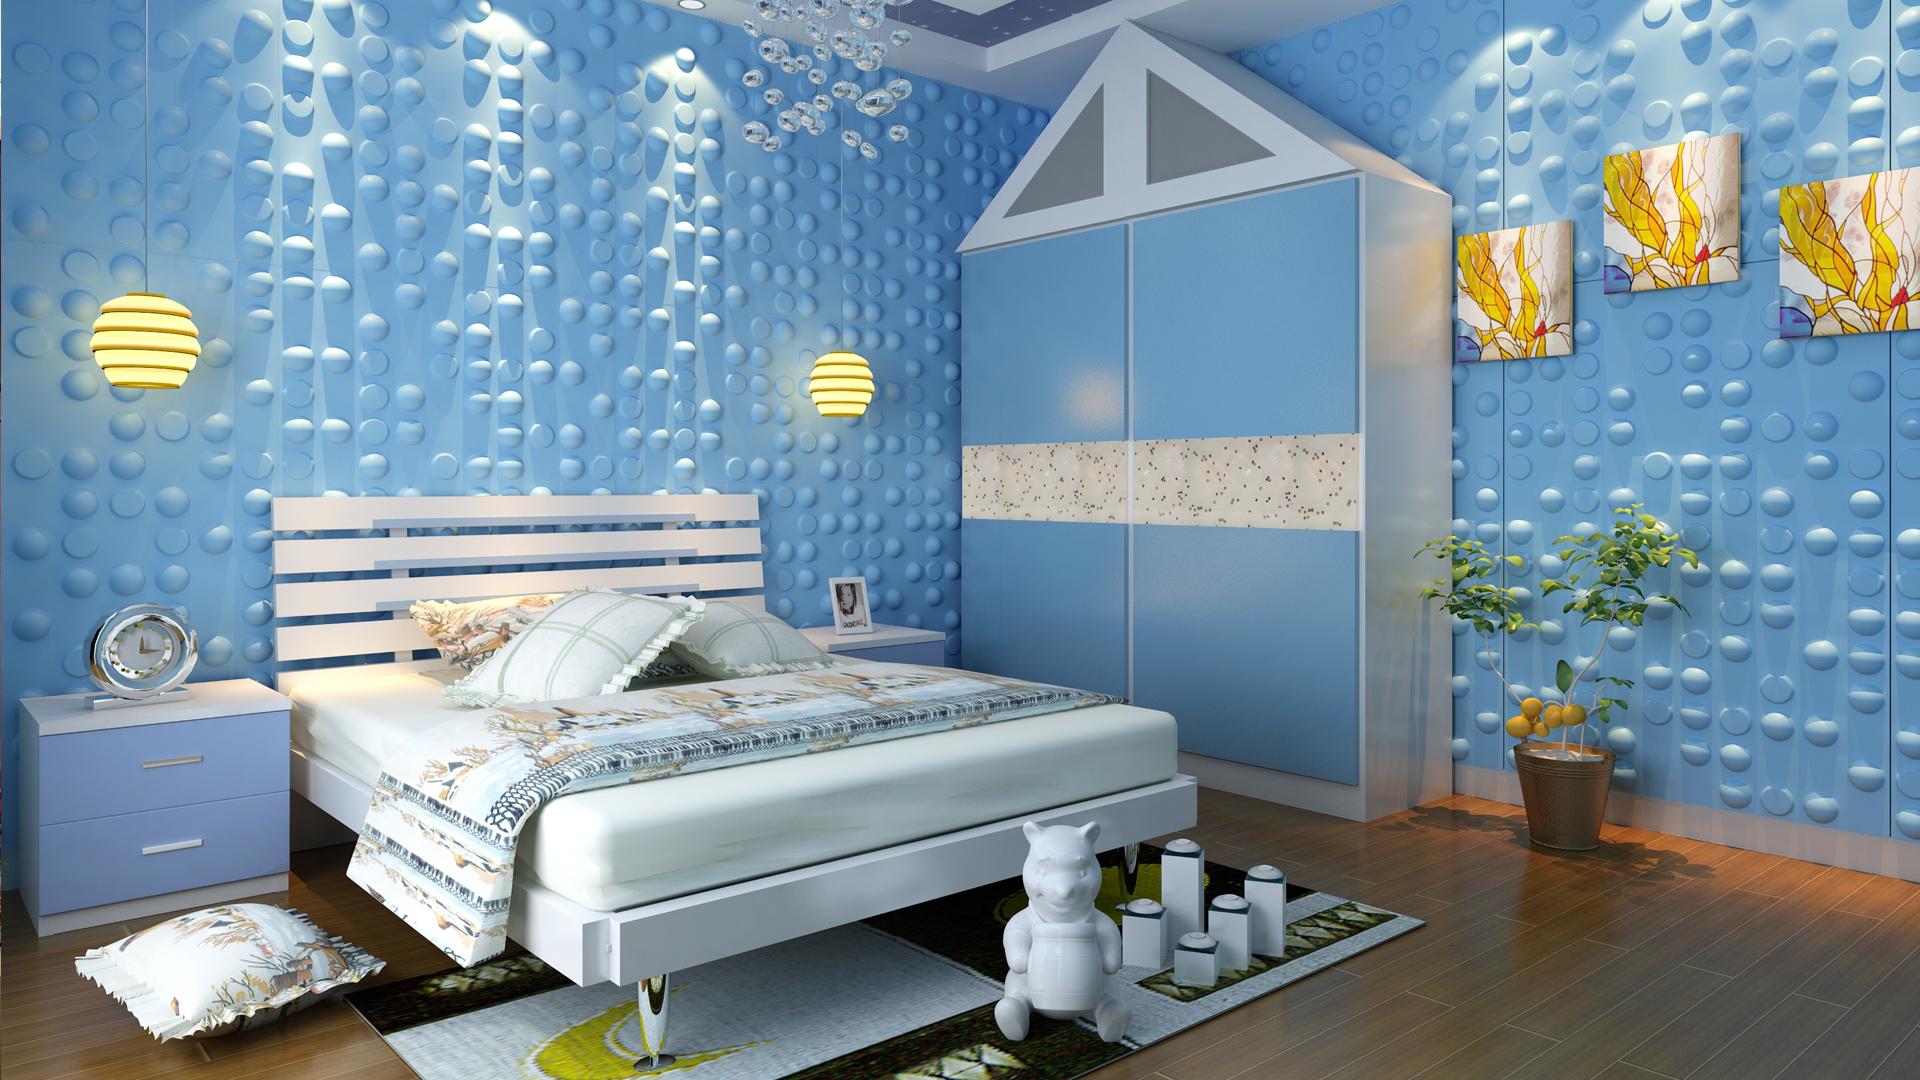 Kinderzimmer 3d Wandpaneele Deckenpaneele Wandverkleidung Aus